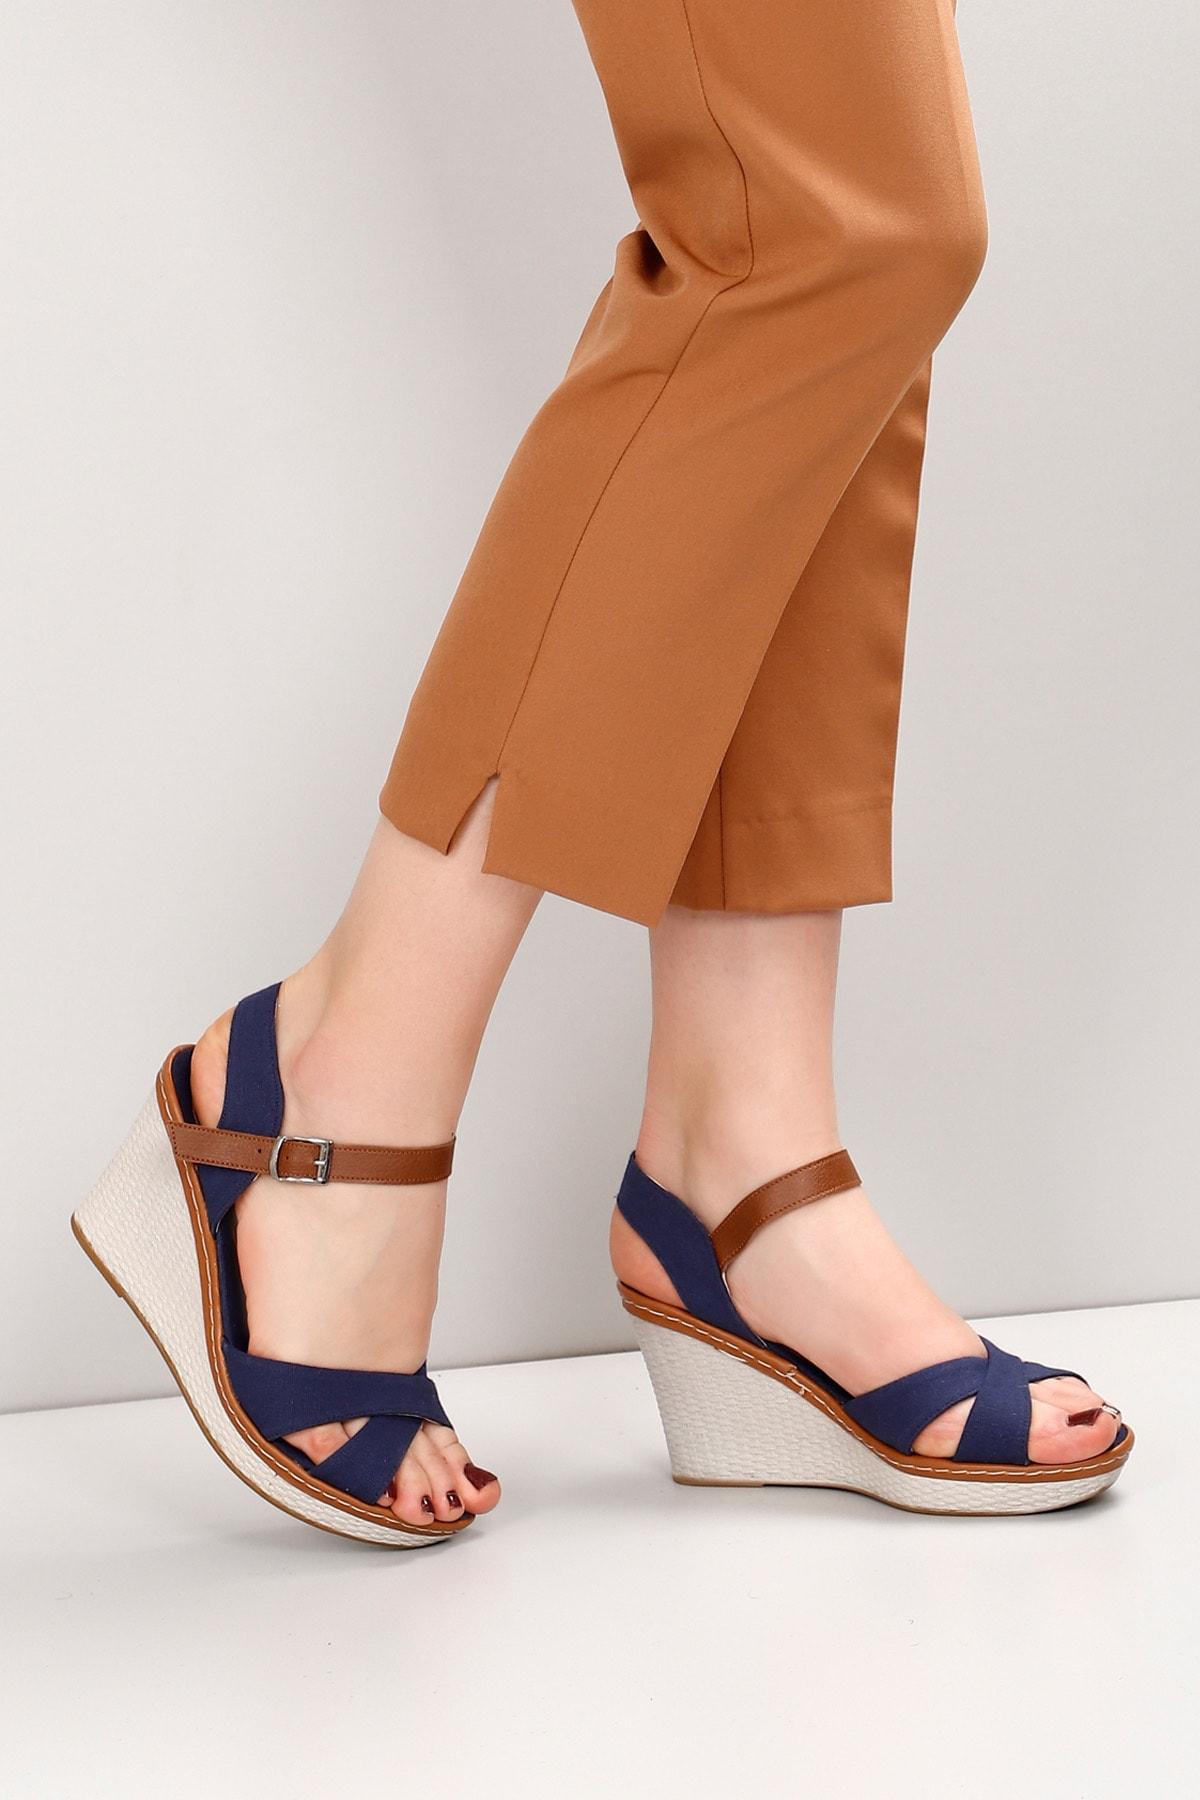 GÖNDERİ(R) Lacivert Keten Kadın Sandalet 37701 2